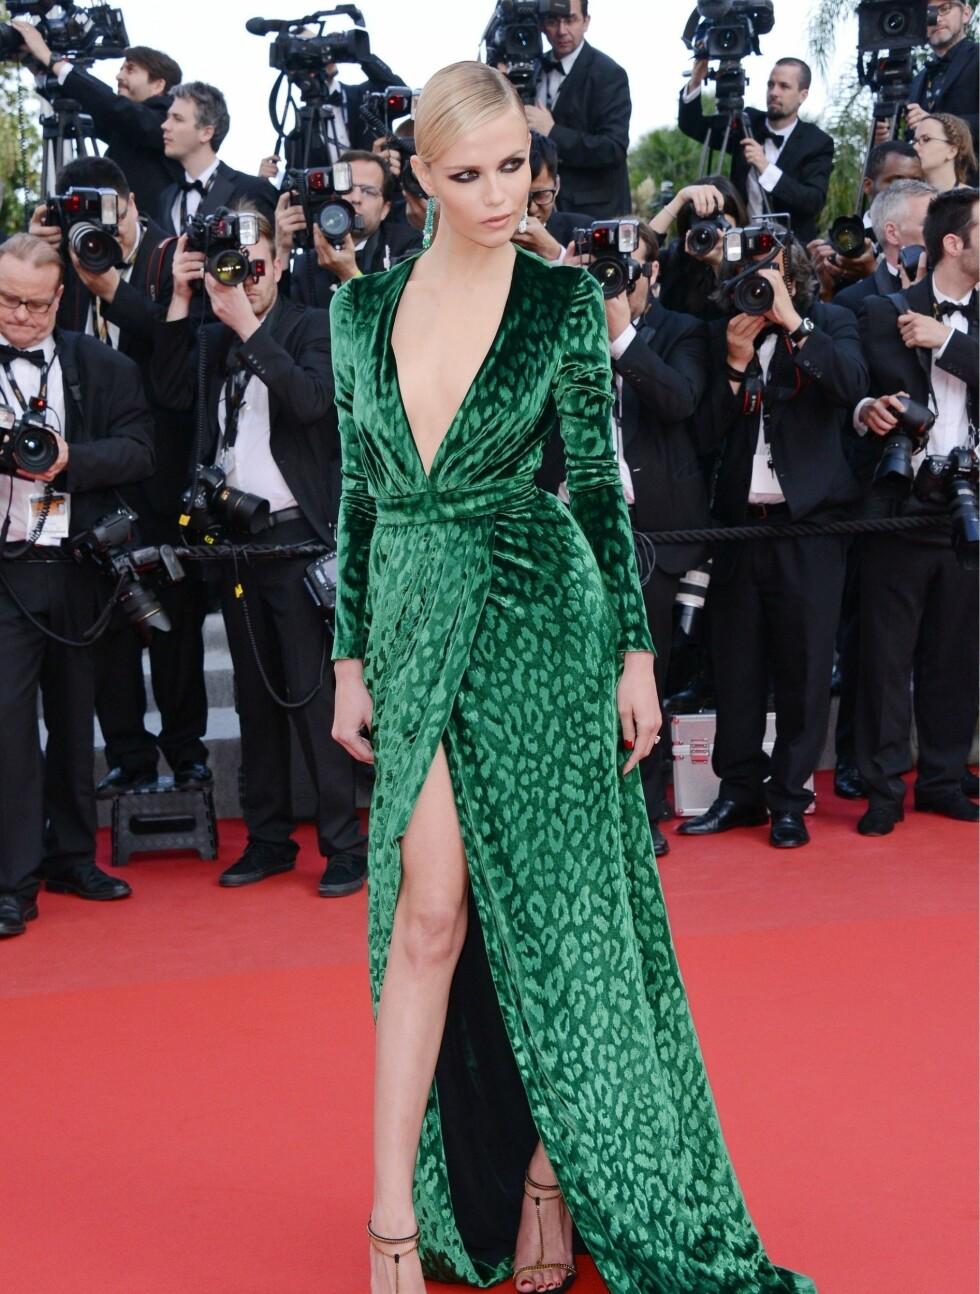 SUPERMODELL: Natasha Poly viste frem lange ben og dyp utringning da hun gjestet den internasjonale filmfestivalen i Cannes i mai i år - til fotografenes store glede. Foto: Stella Pictures